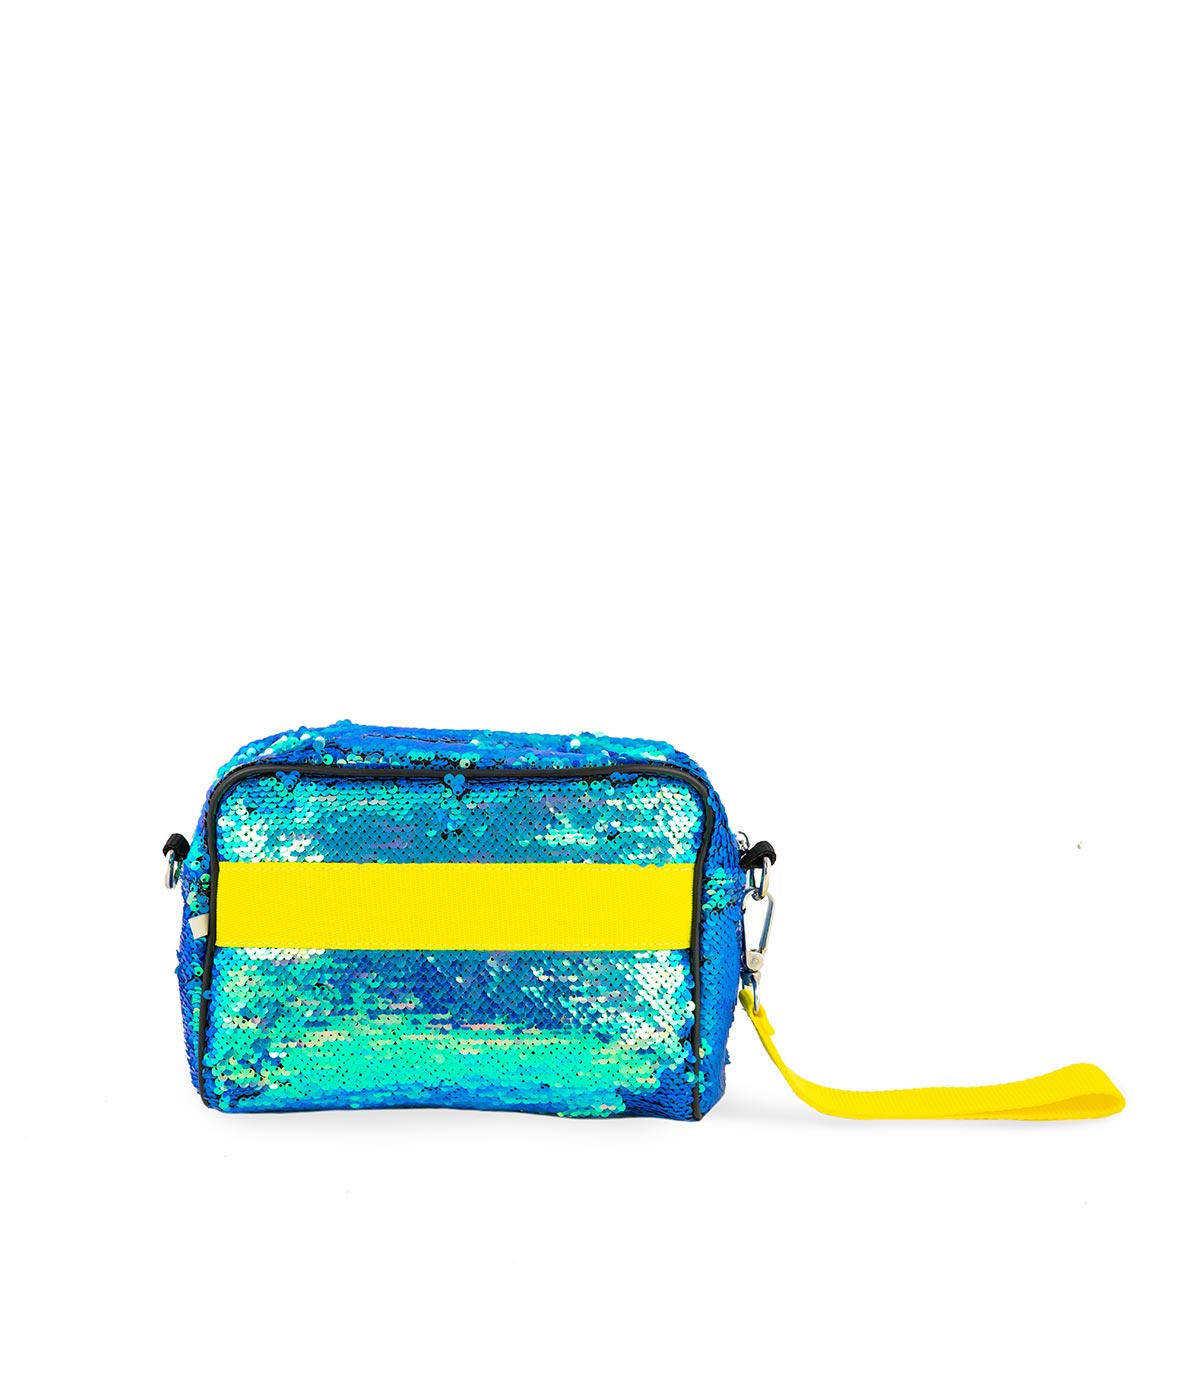 beauty-bag-paillettes-riga-gialla-retro